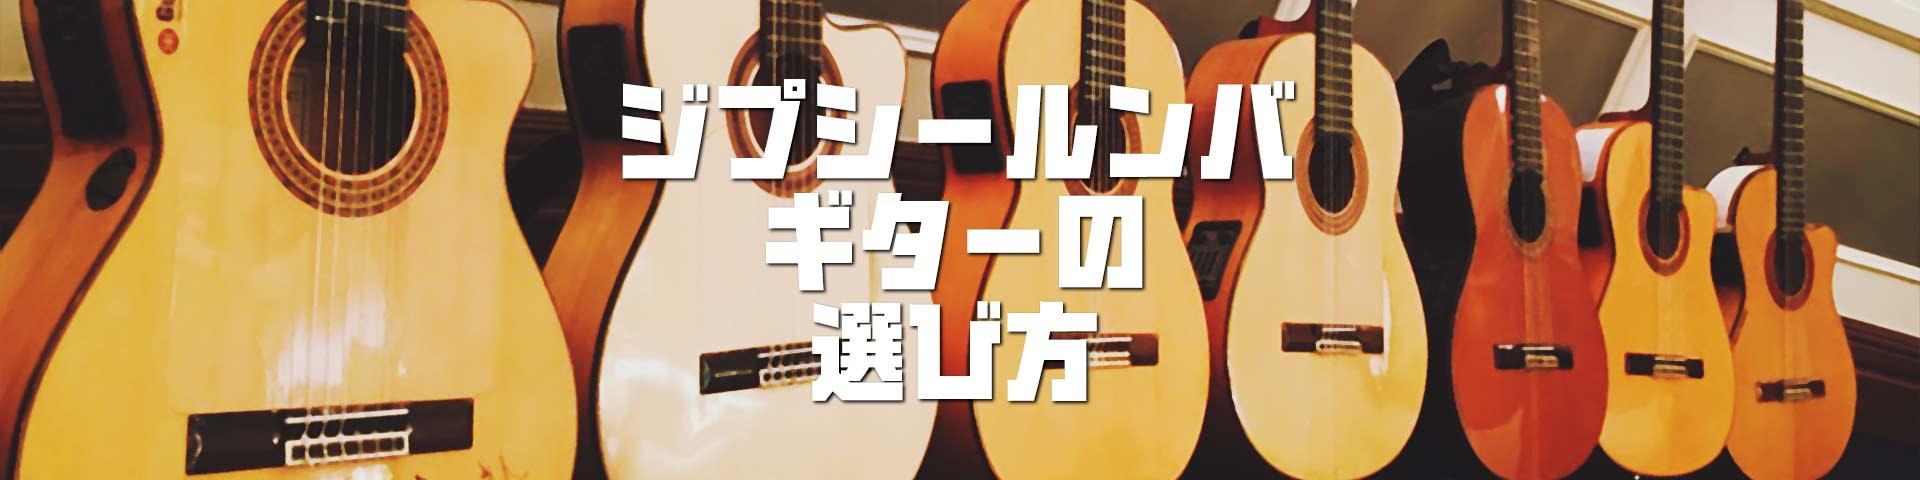 用途に応じて使い分け!ジプシールンバ用ギターの選び方